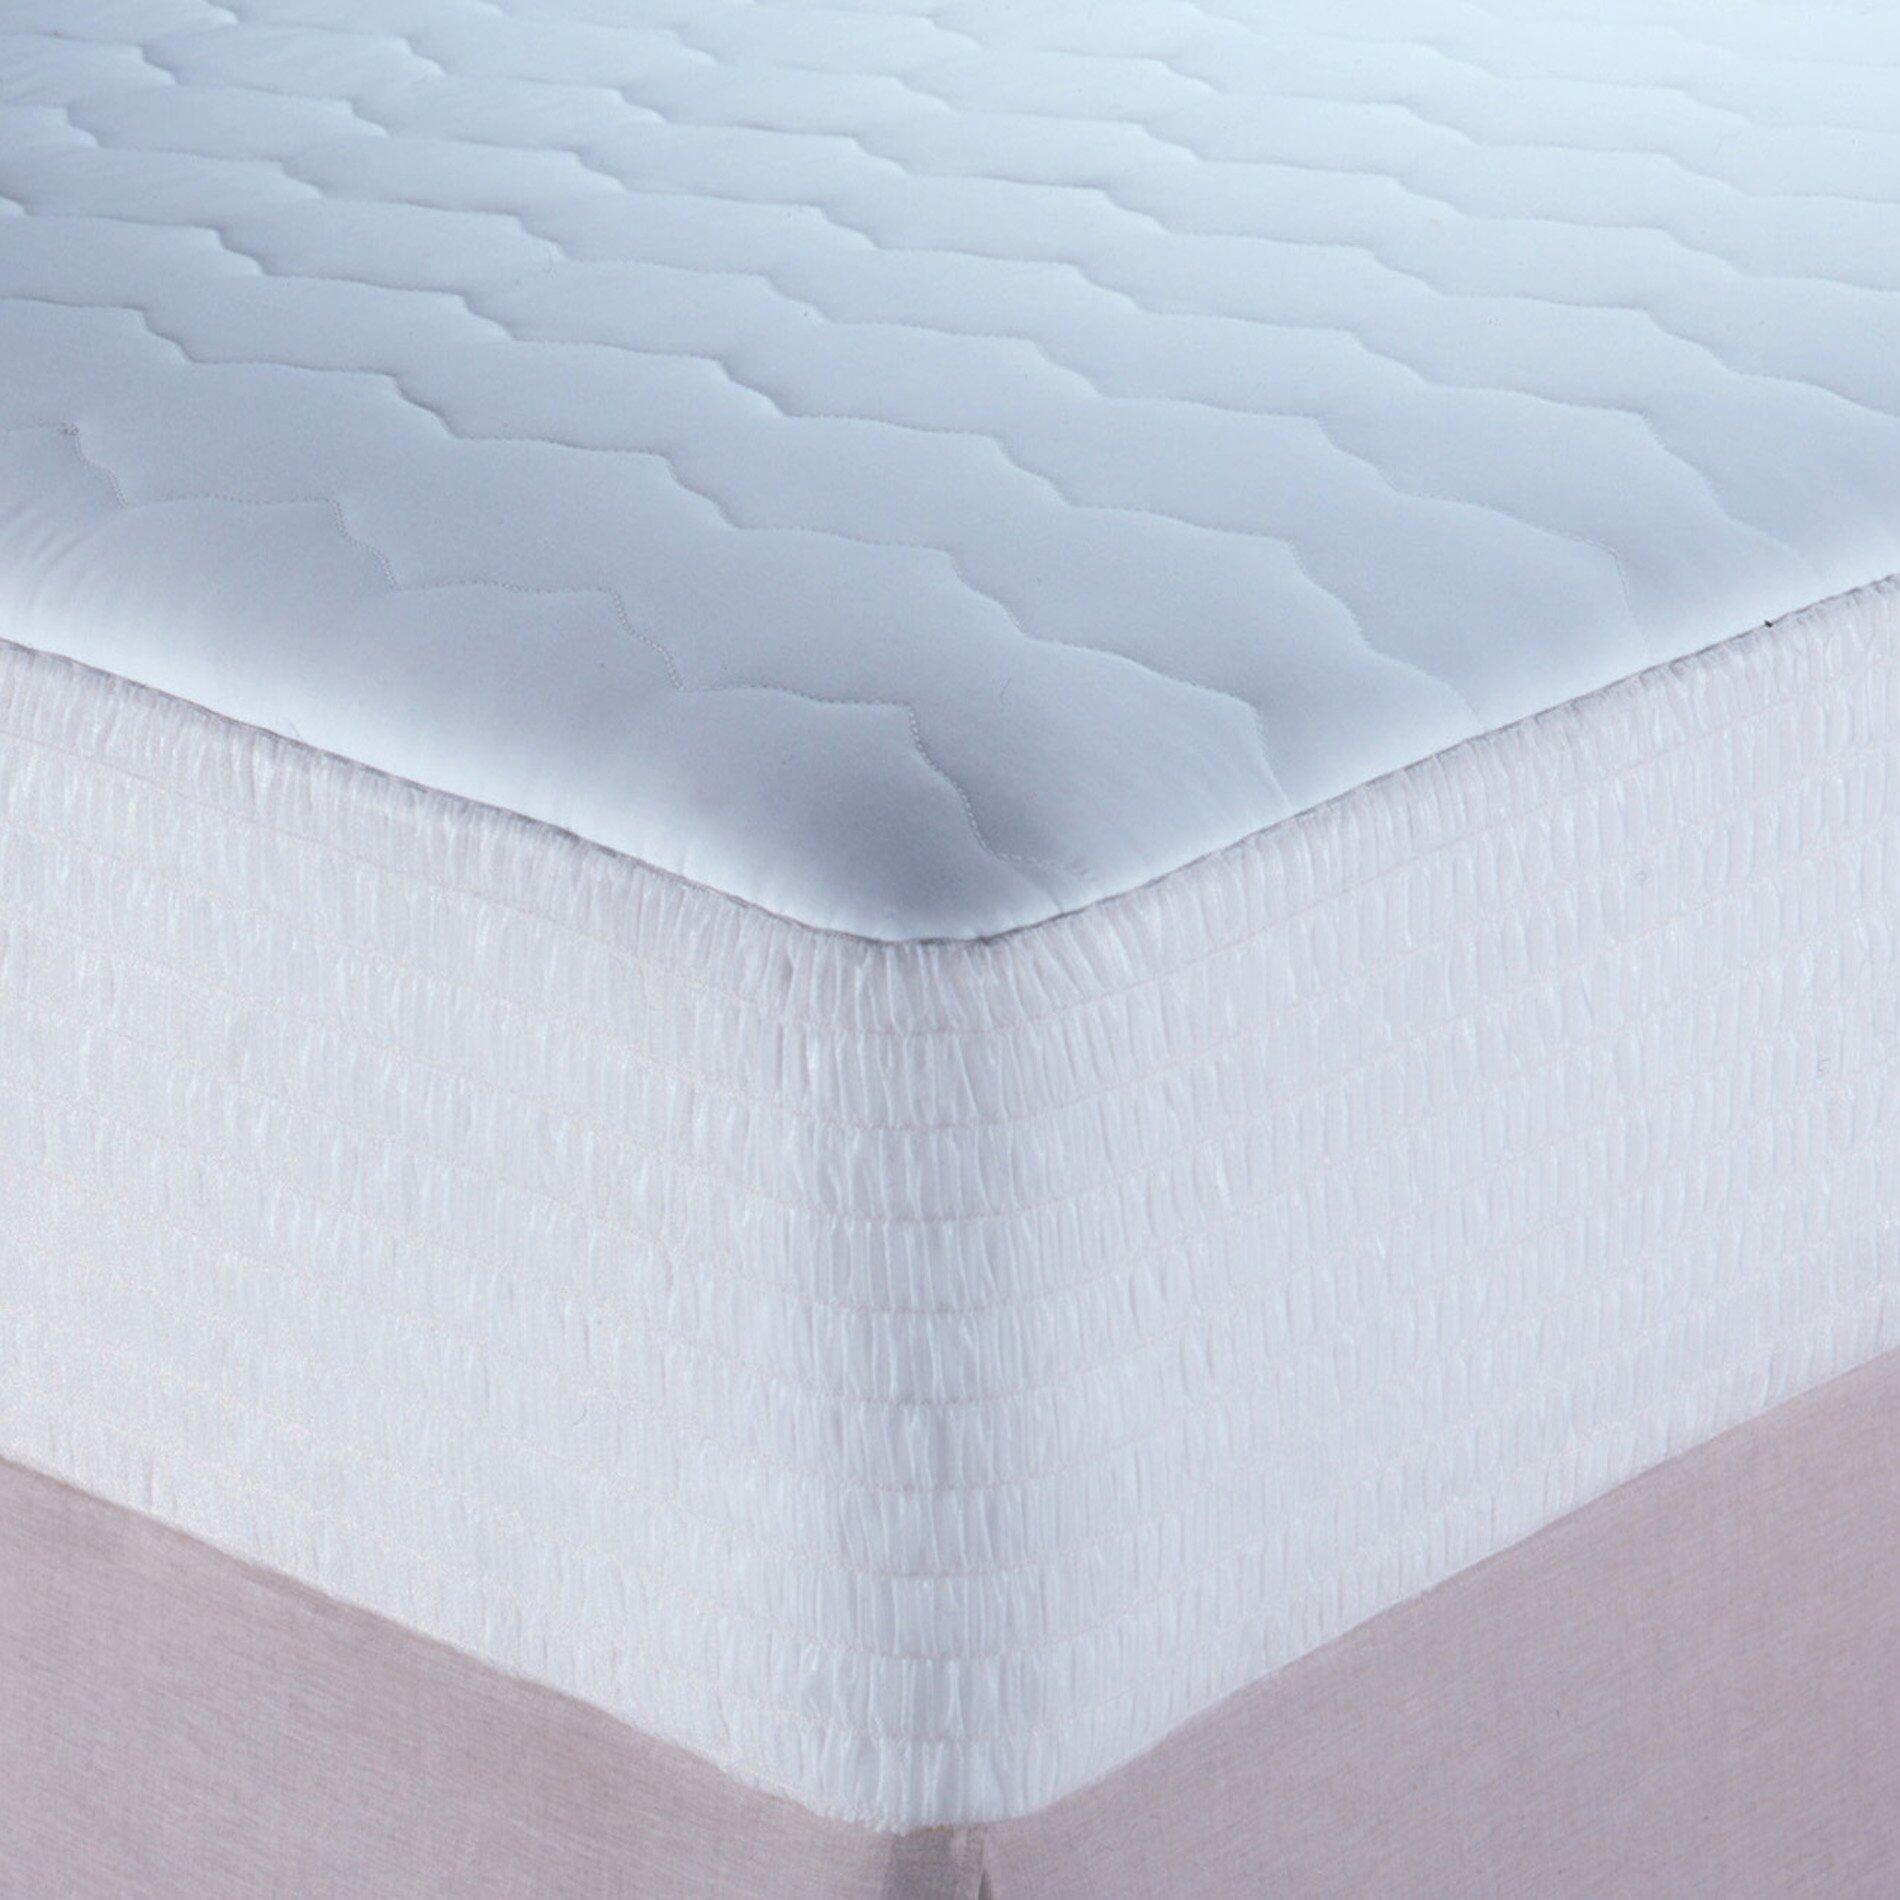 Simmons Beautyrest Ultra fort 100% Cotton Mattress Pad